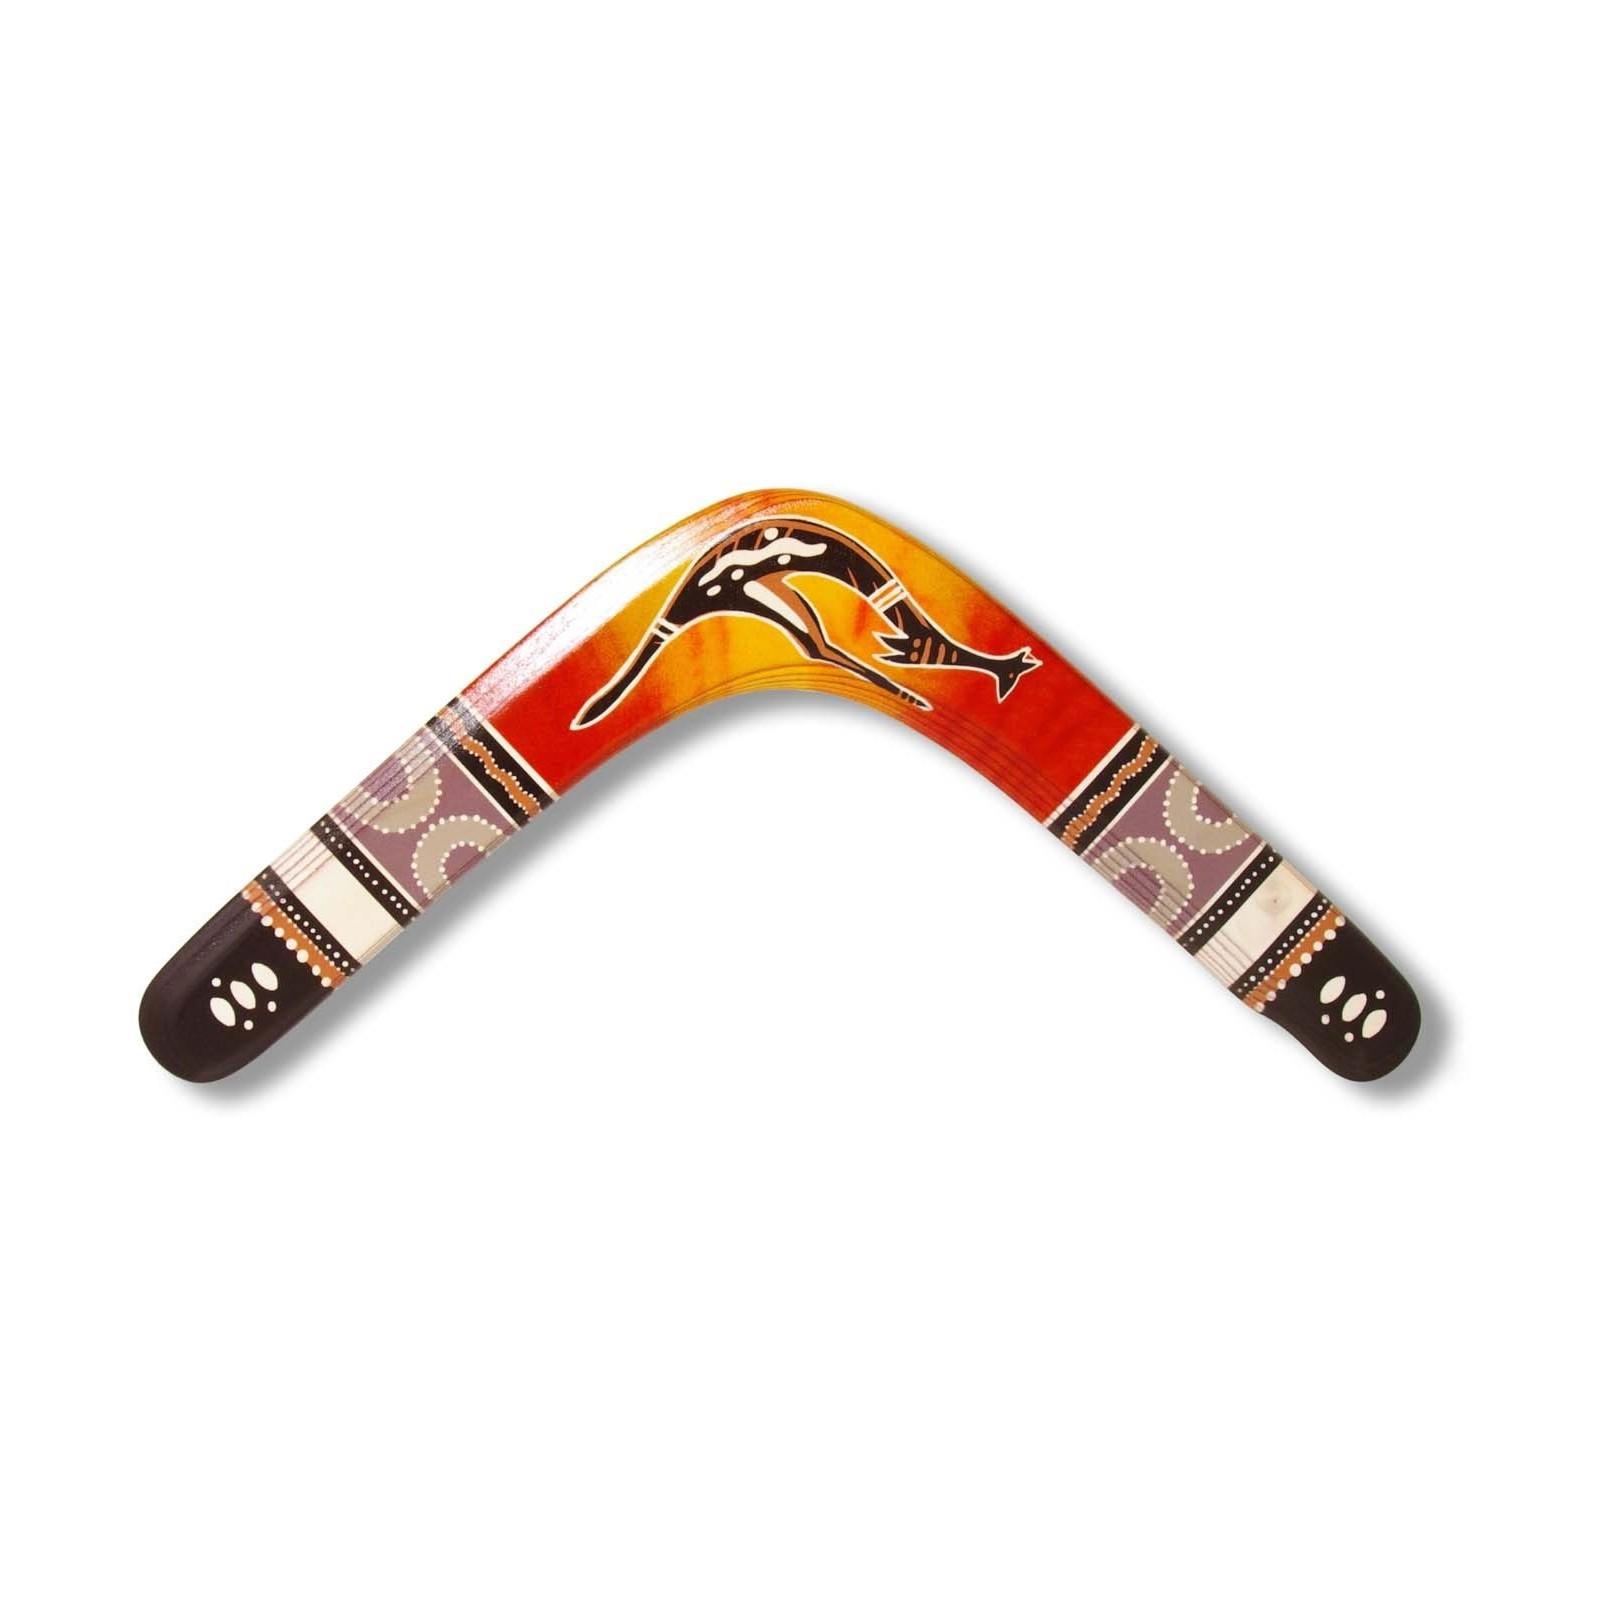 Bumerang Falconet 37 cm